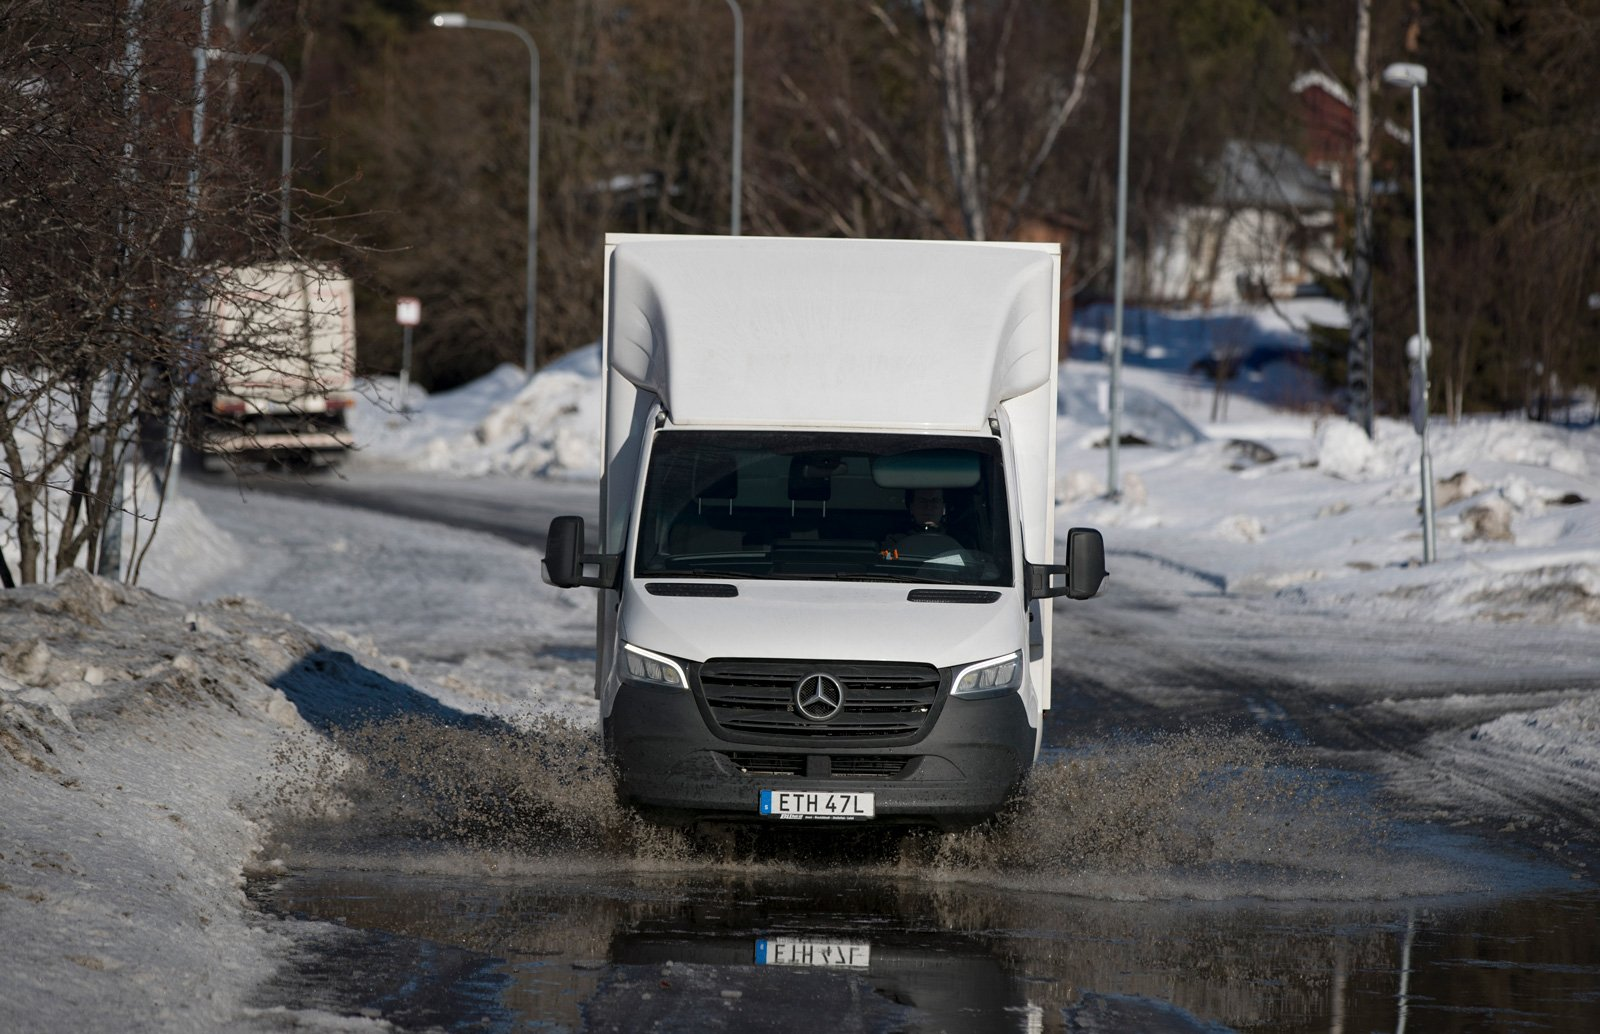 Den här plaskvåta vårvinterdagen får den nya Mercedes-Benz Sprinter som hon kör tjänstgöra inne i centrala Luleå.